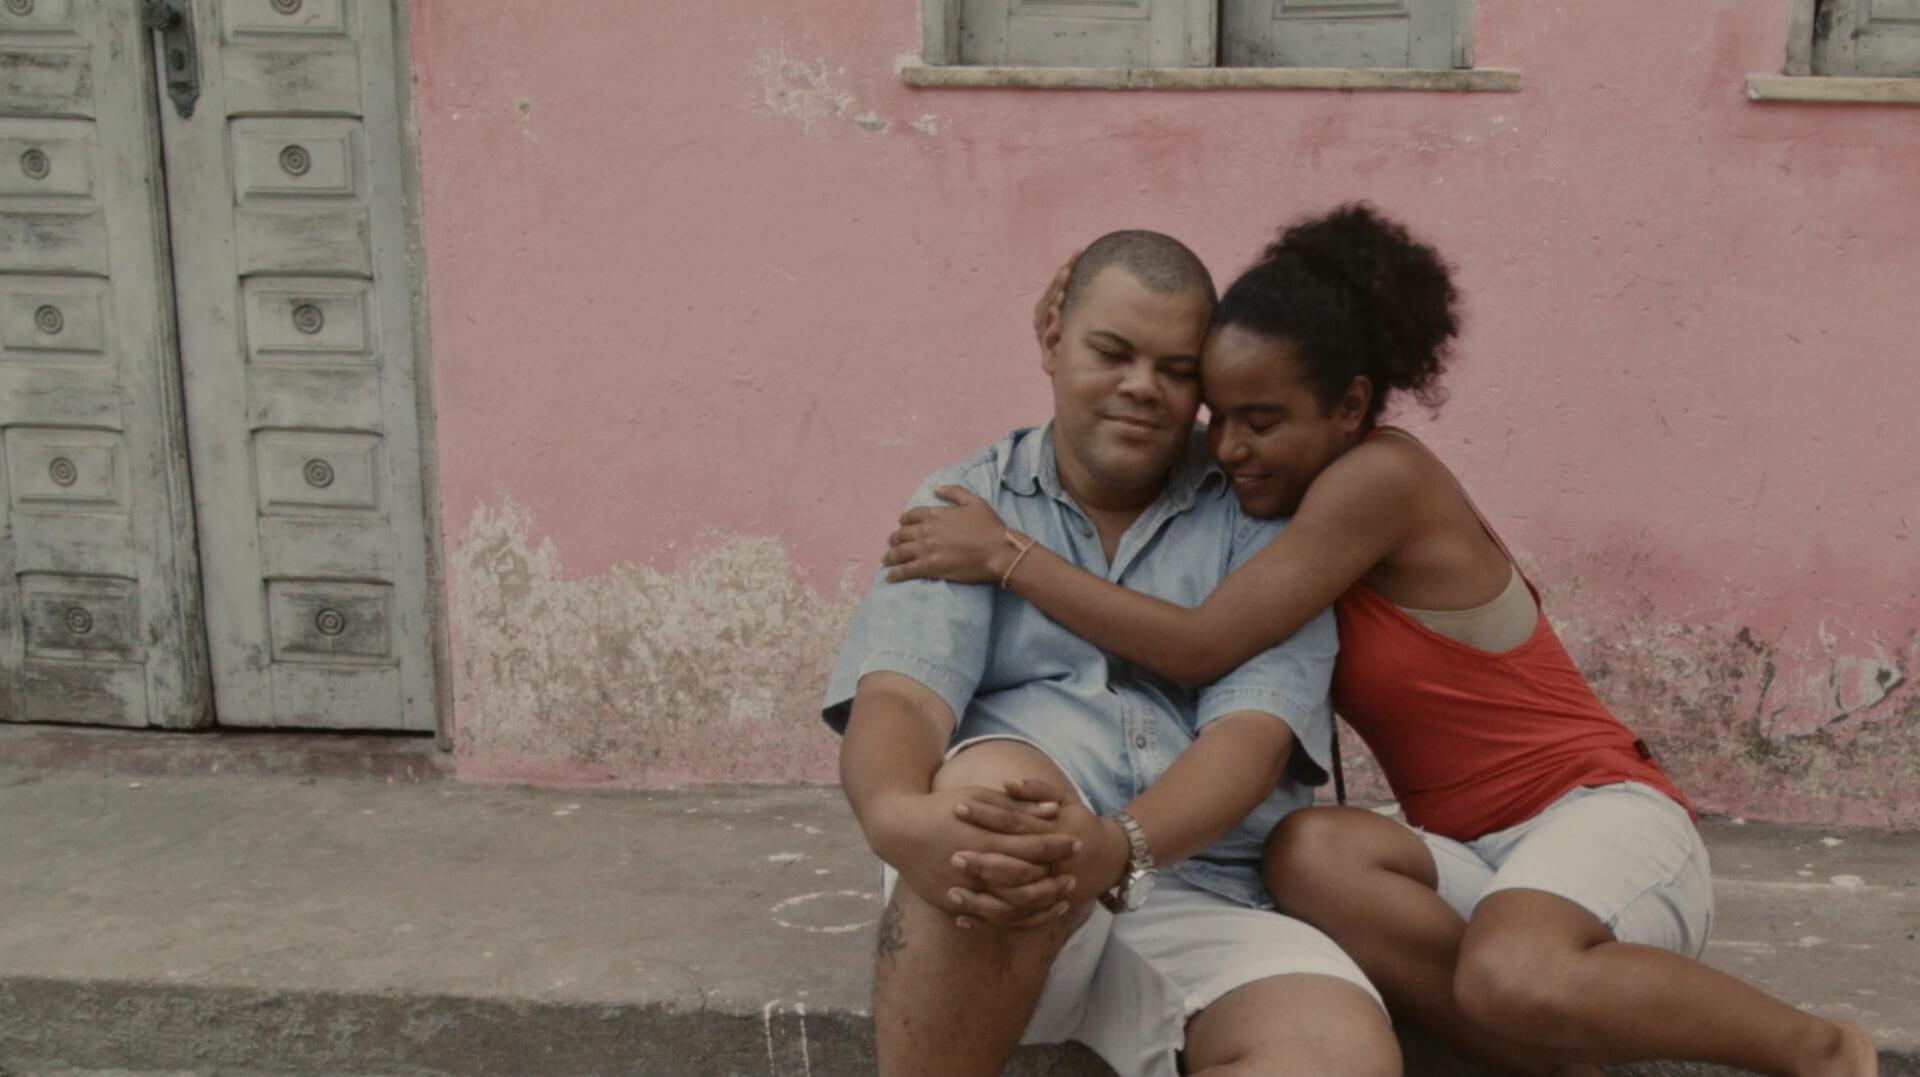 Aline Moraes Toda Nua cine festivais | pluralizar os espaços, expandir o